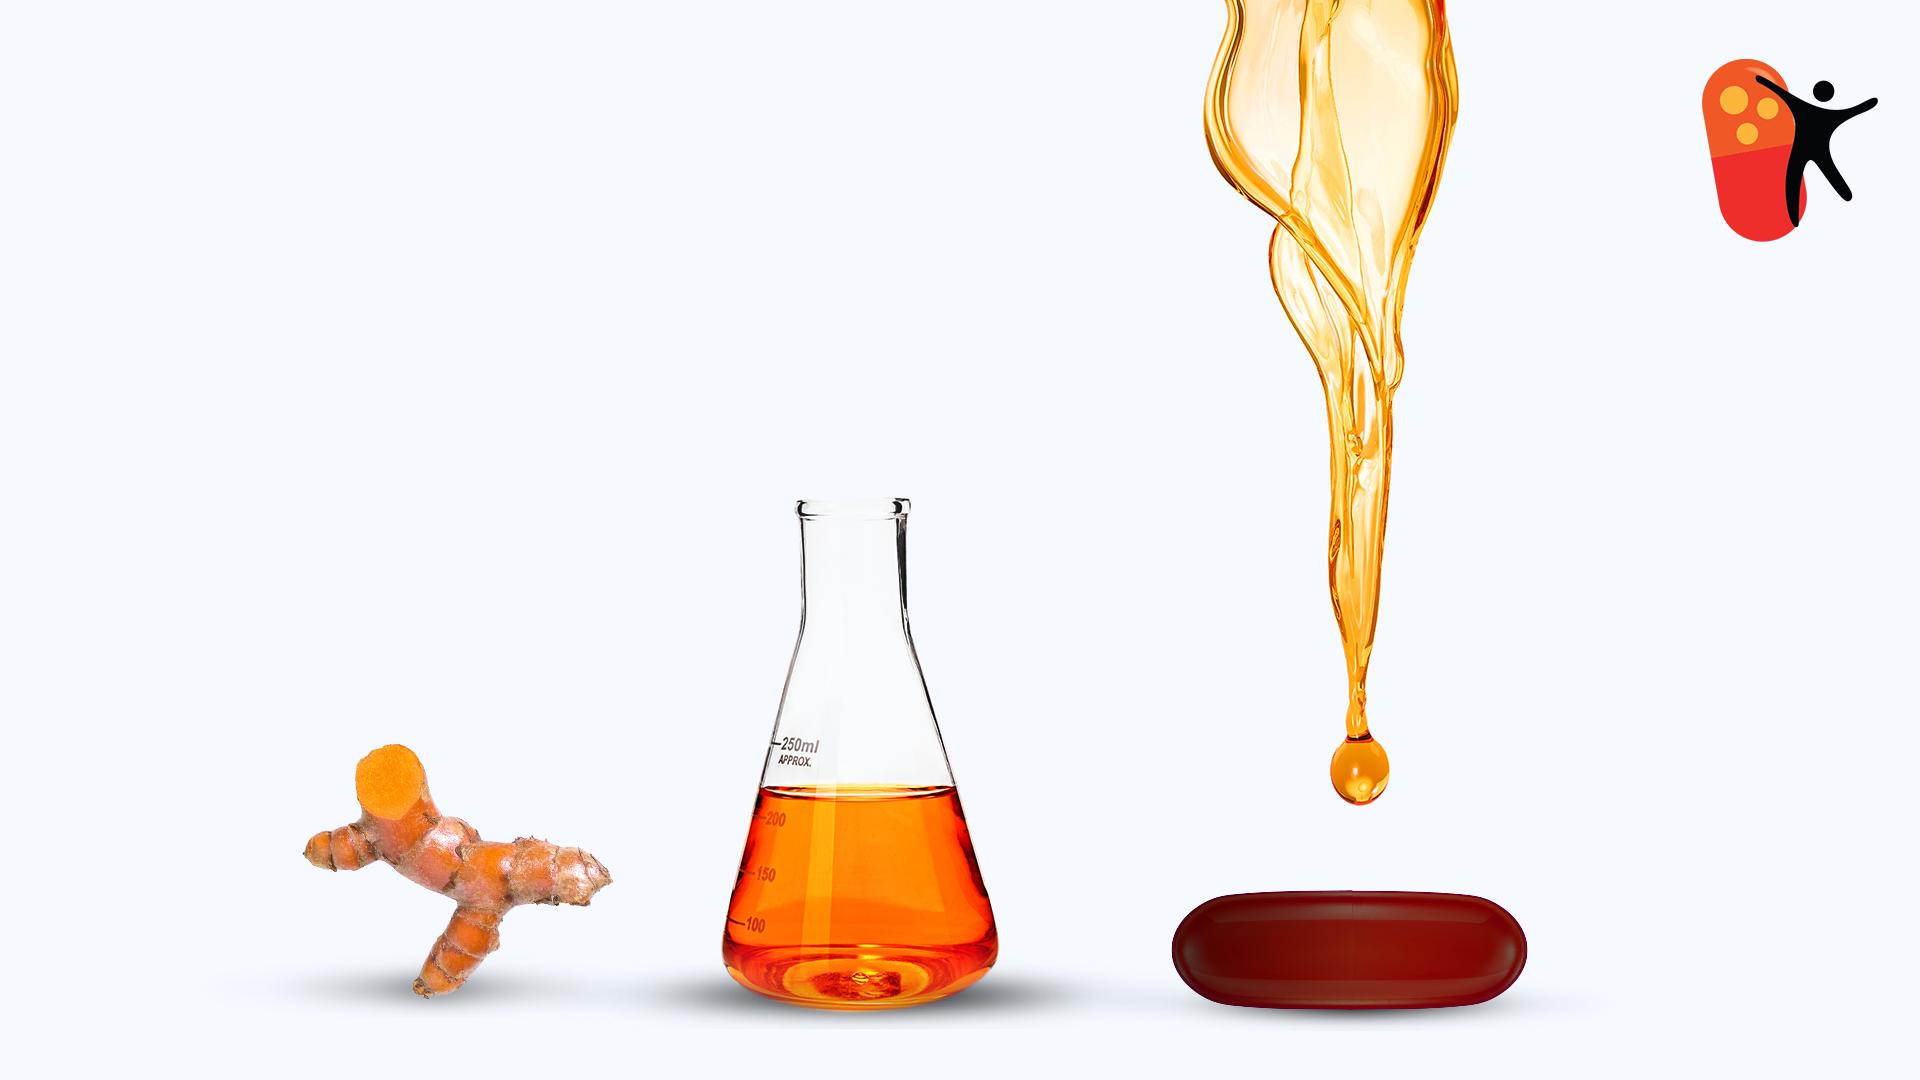 الطريقة الأمثل لتحقيق أقصى استفادة عند استخدام الكركمين السائل المستخلص من الكركم من بايوبنز